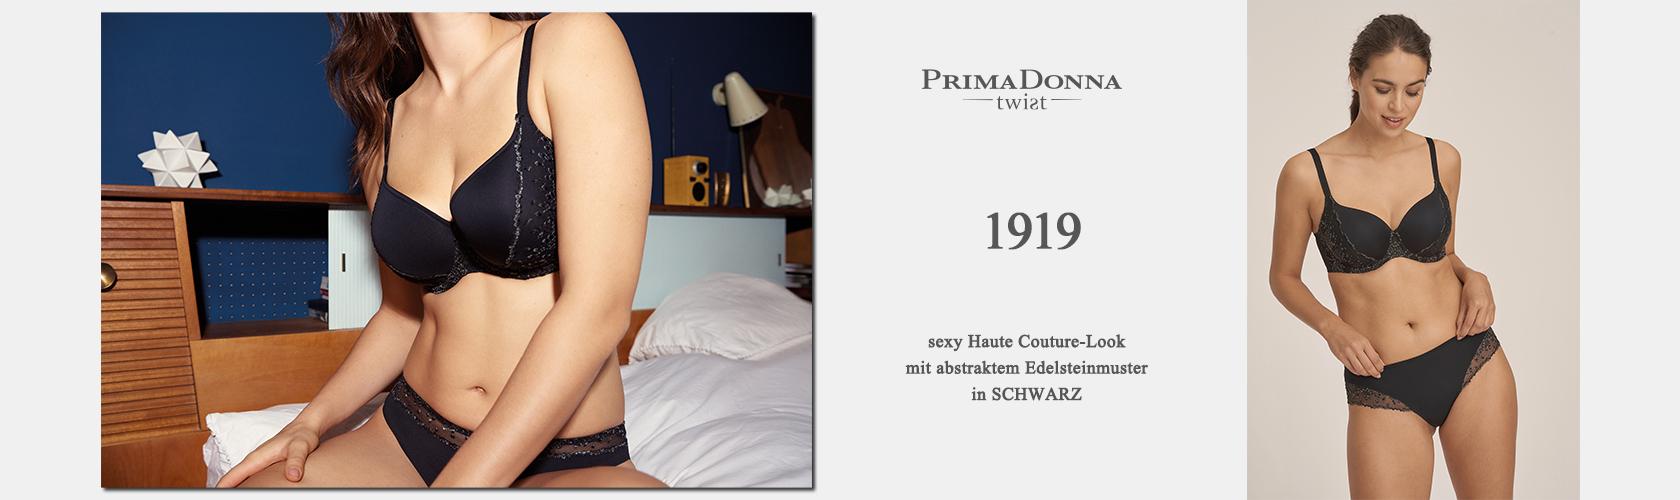 Slideshow PrimaDonna Twist SERIE 1919 11.10.